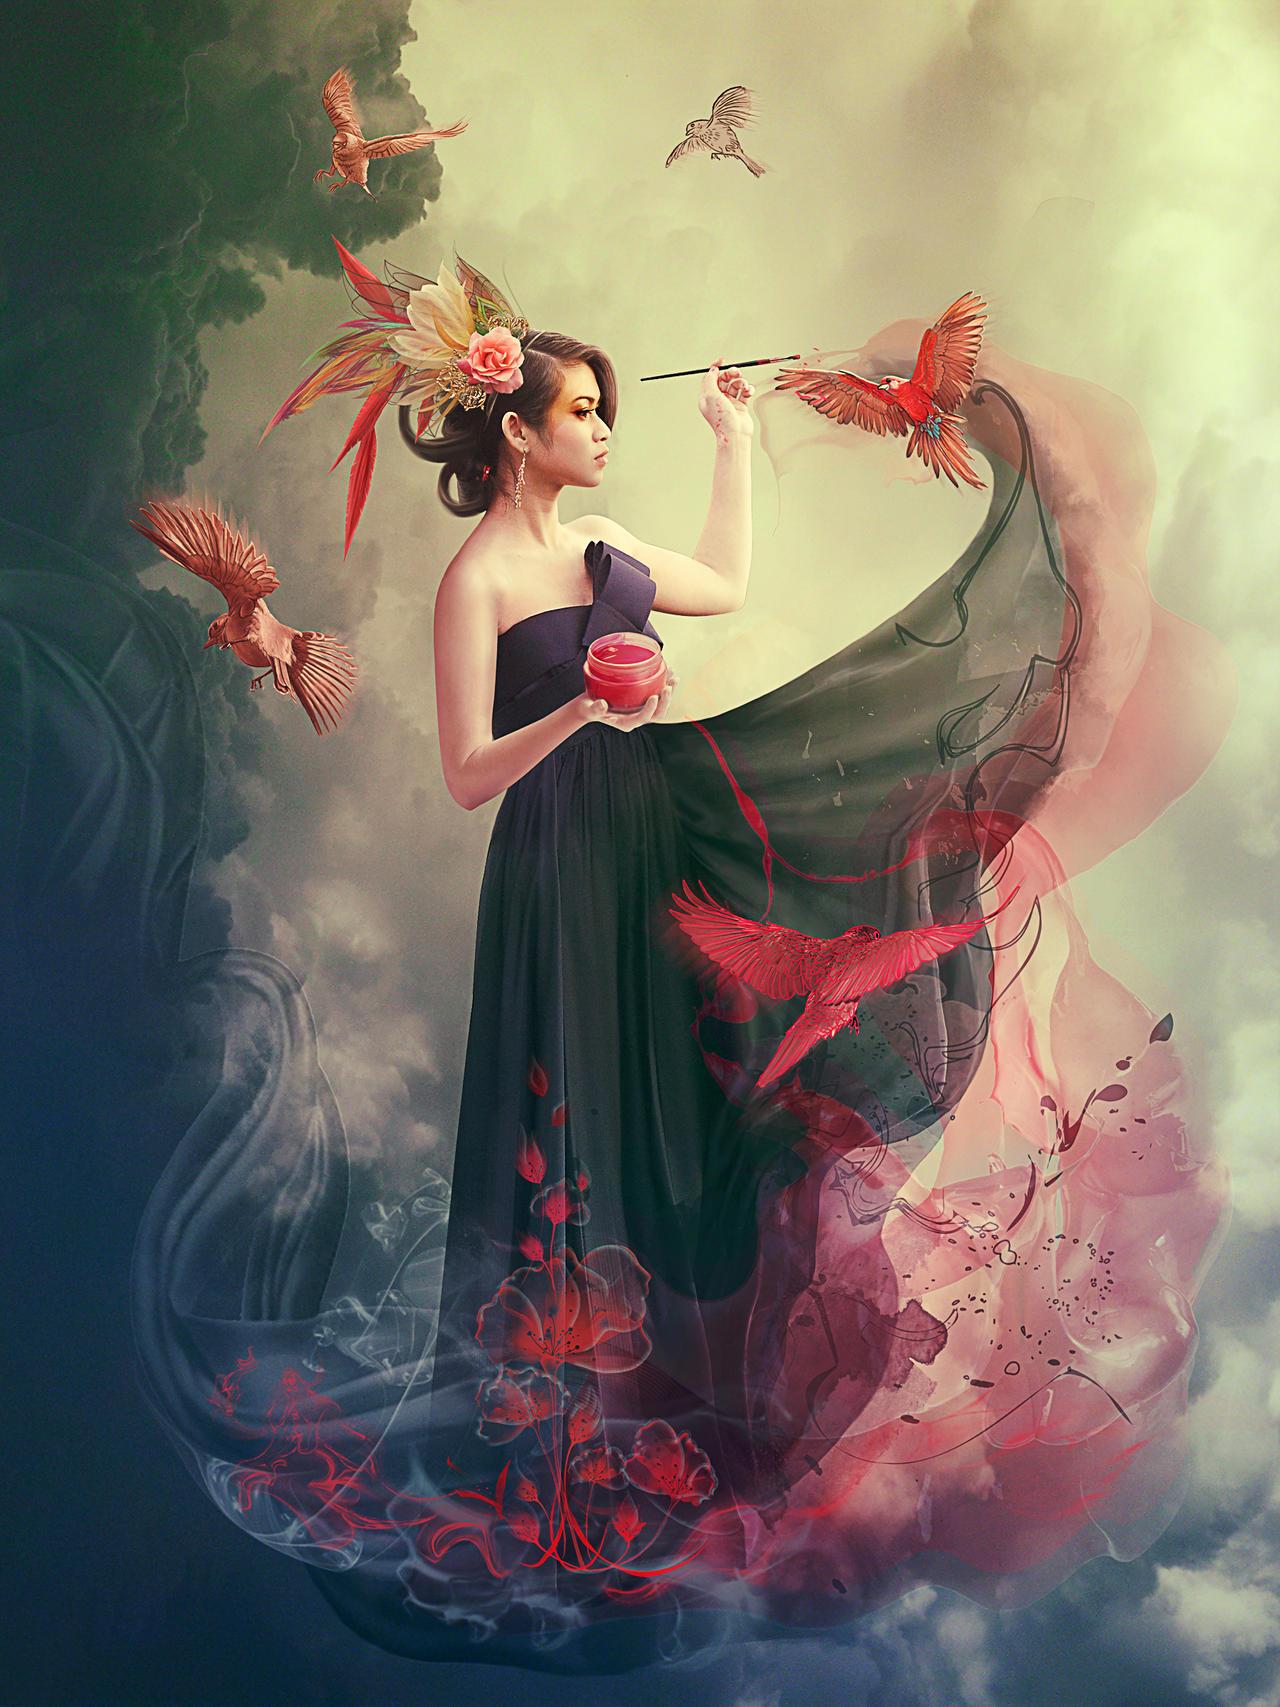 Woman Artist Vasylina Deviantart